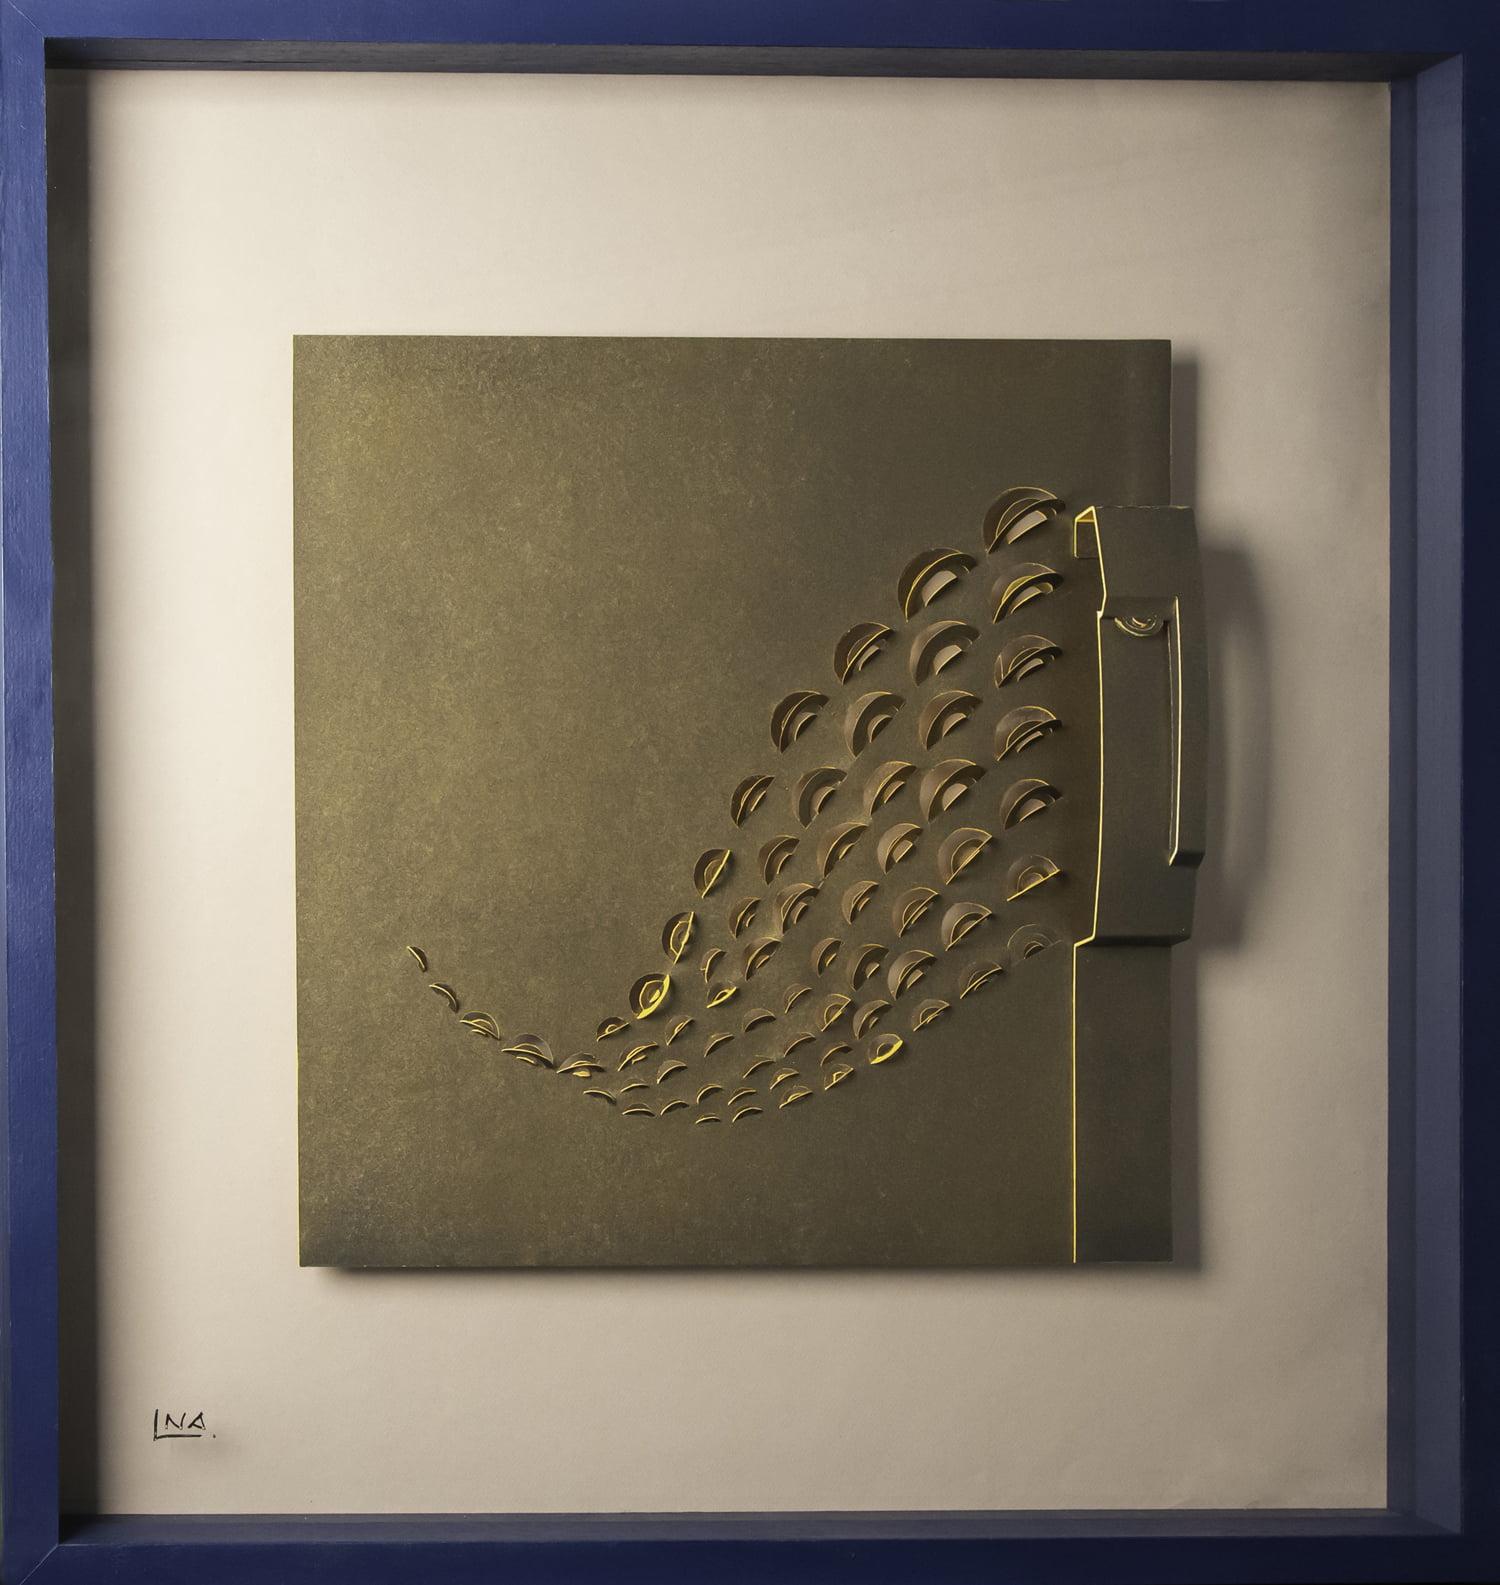 Nanou Autin, Volumes, L'Africaine, Papier découpé, acrylique, verre 75x75 cm - 2018